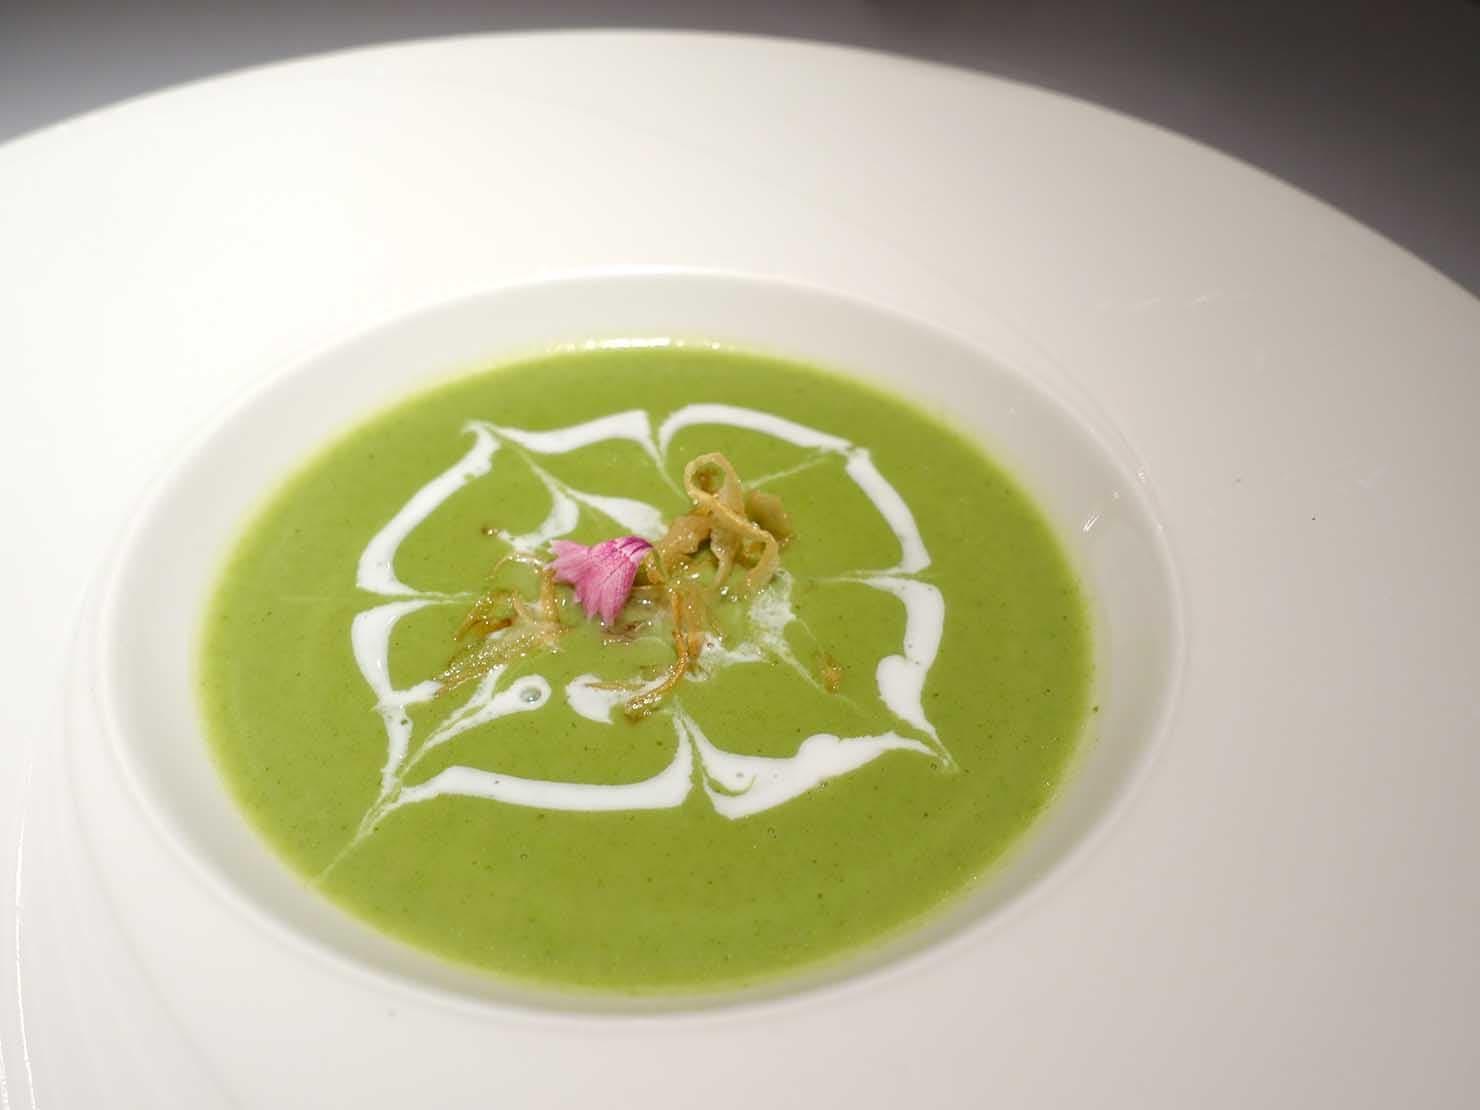 台北の4つ星ホテルにあるステーキハウス「地中海牛排館」の菠菜濃湯(ホウレンソウのポタージュ)